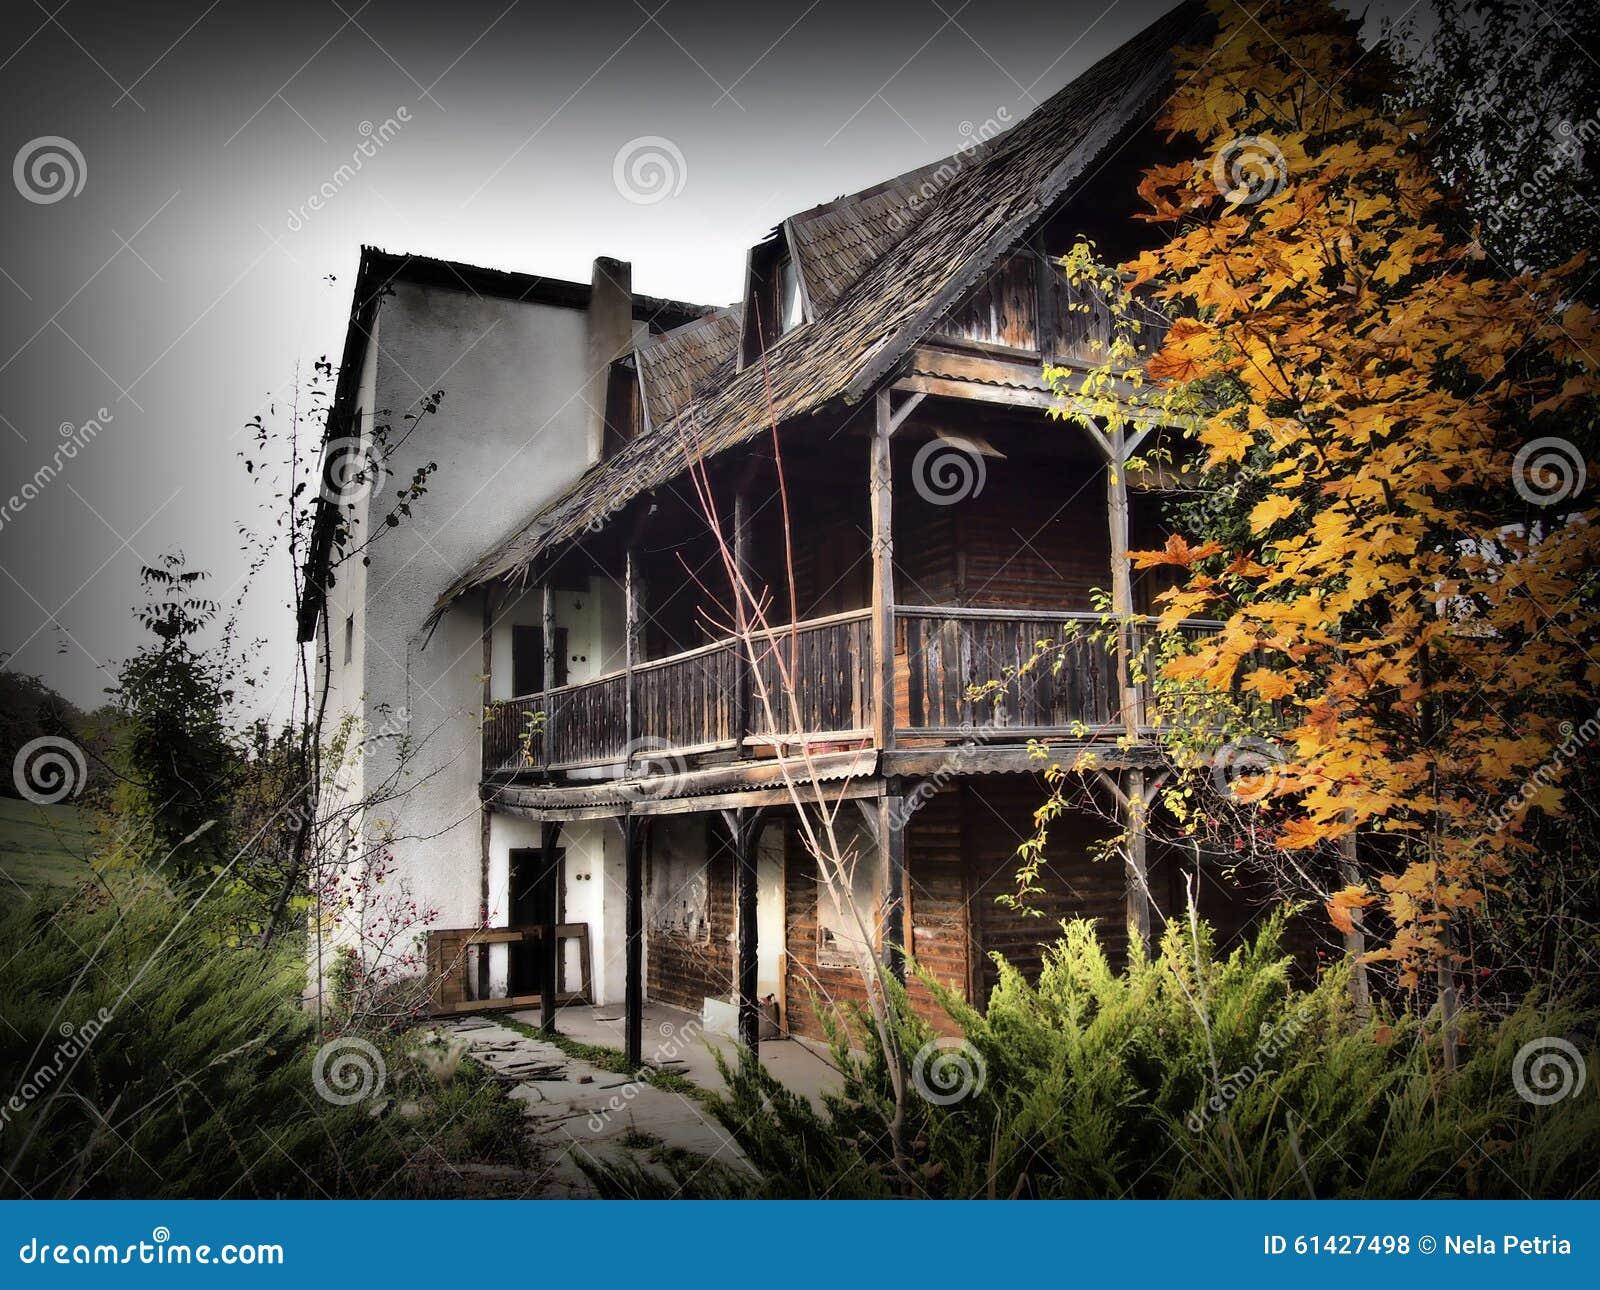 Haunted House Stock Photo Image 61427498